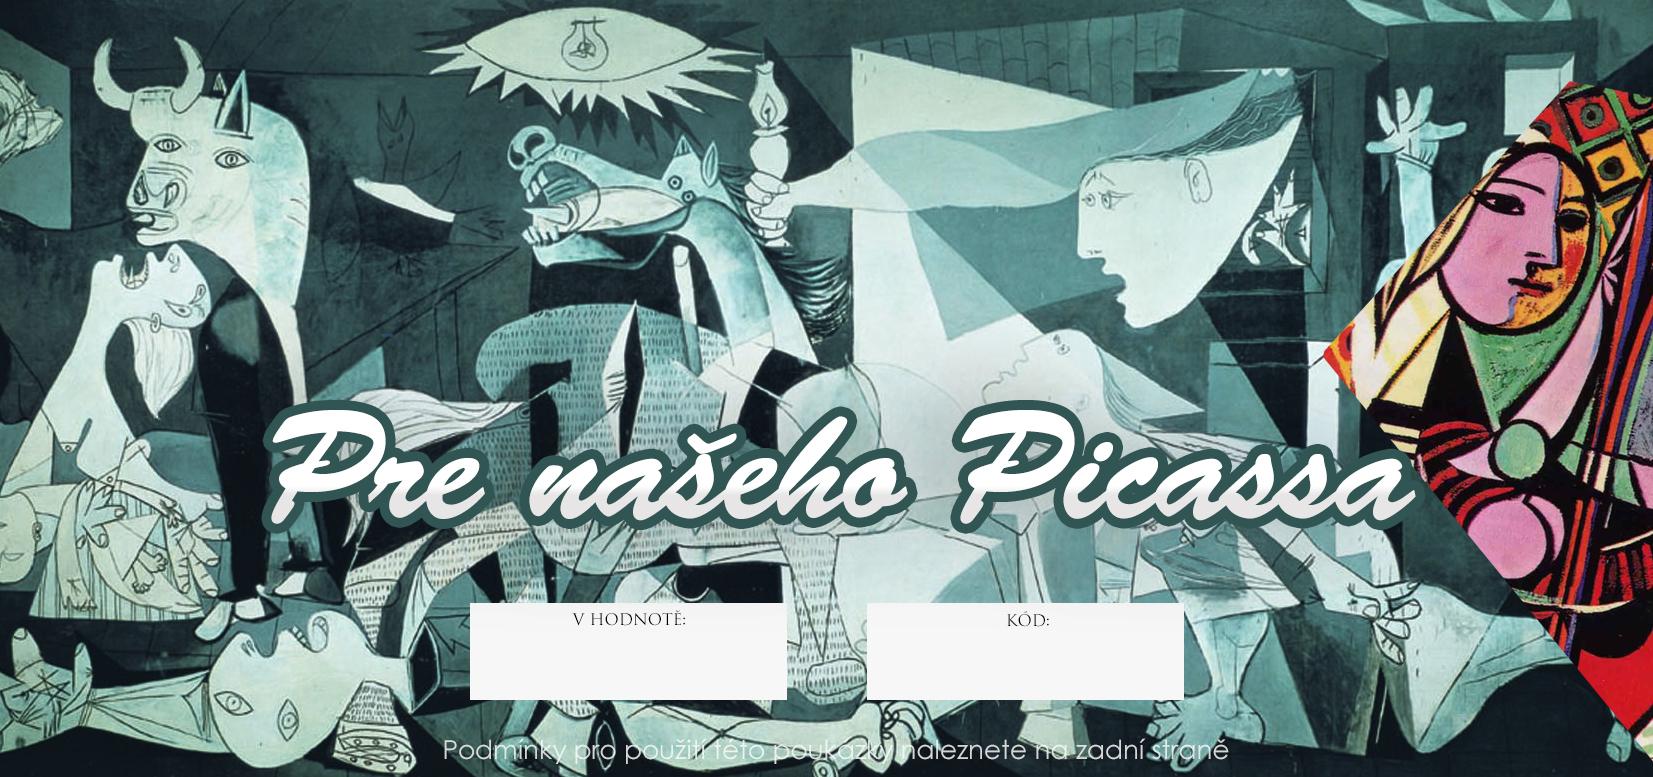 Dárkový POUKAZ - Pro našeho Picassa 500 Kč umělecké potřeby